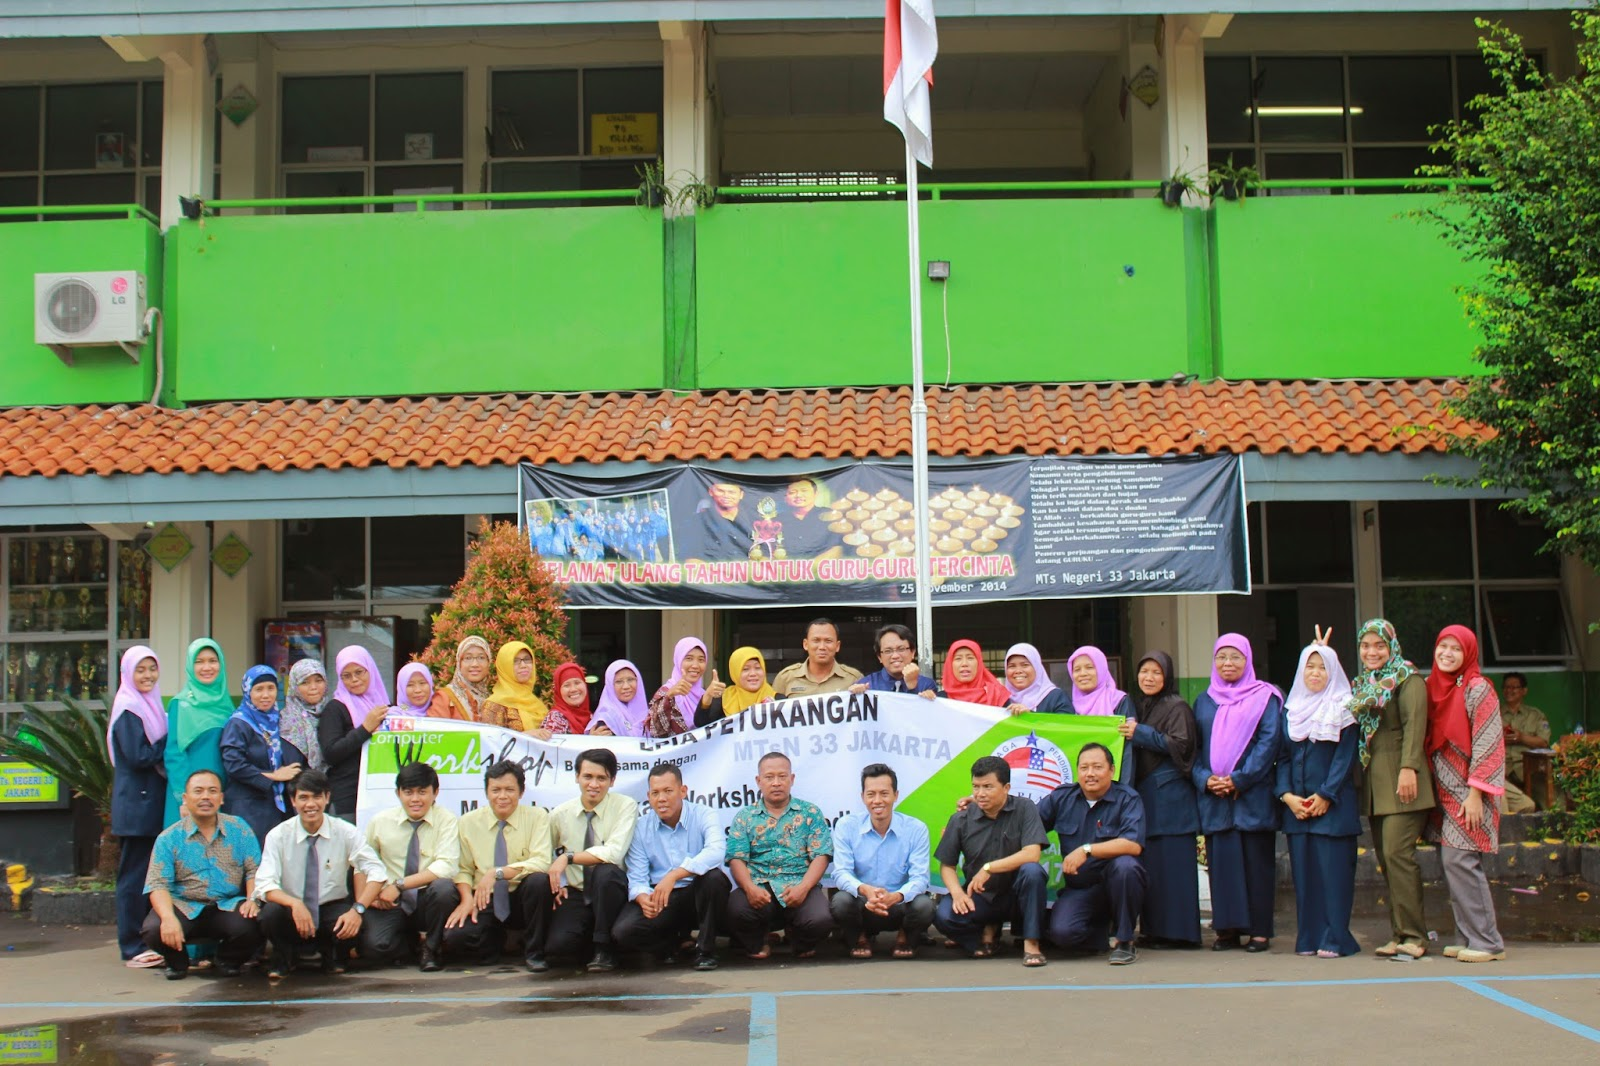 Pelatihan Bahan Ajar untuk guru MTsN 33 Jakarta